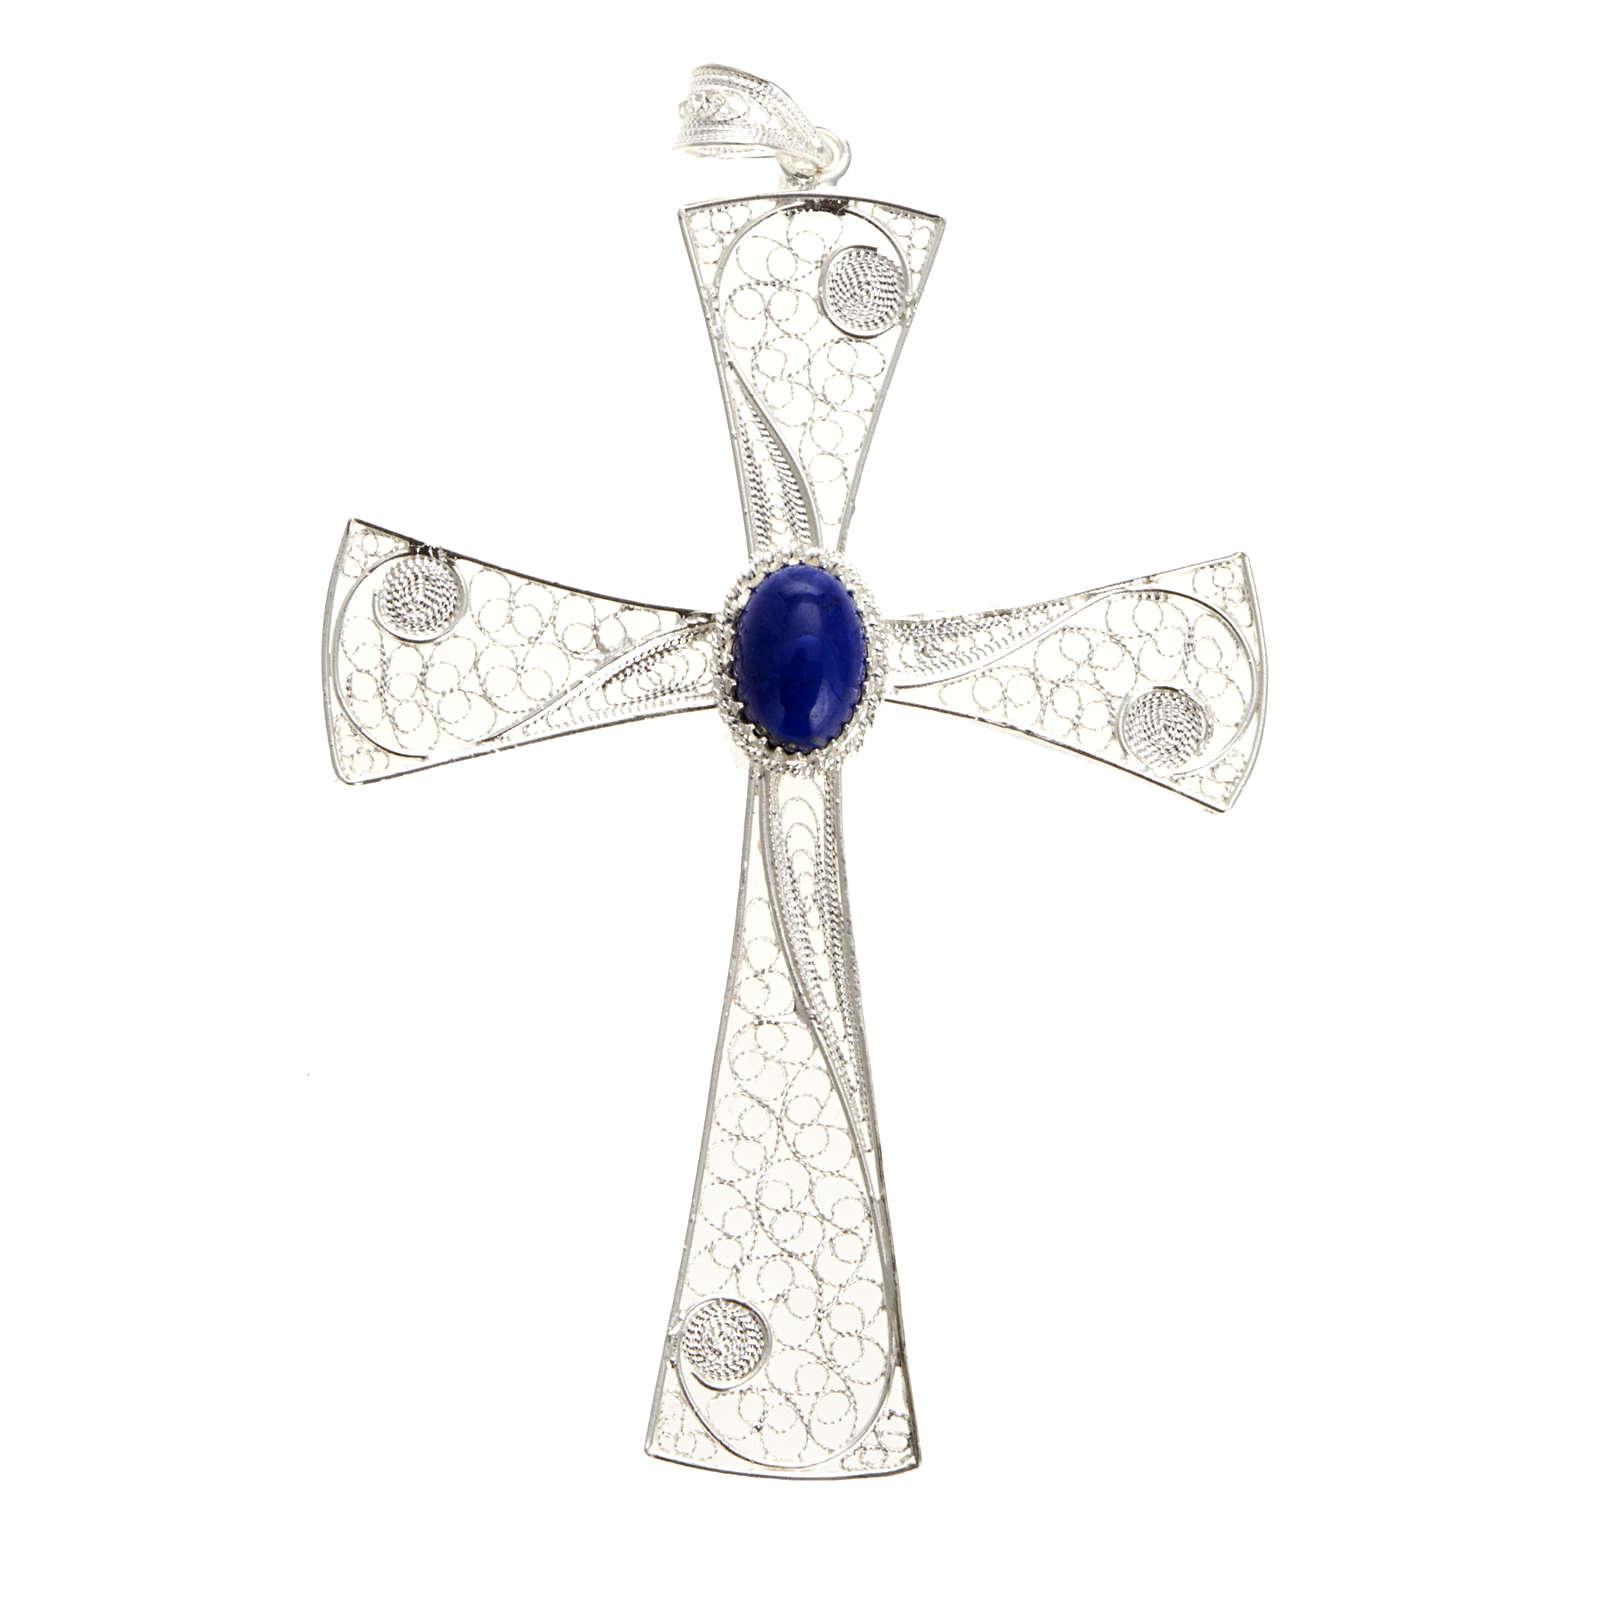 Croce pendente lapislazzuli filigrana arg. 800 - gr. 5,47 4